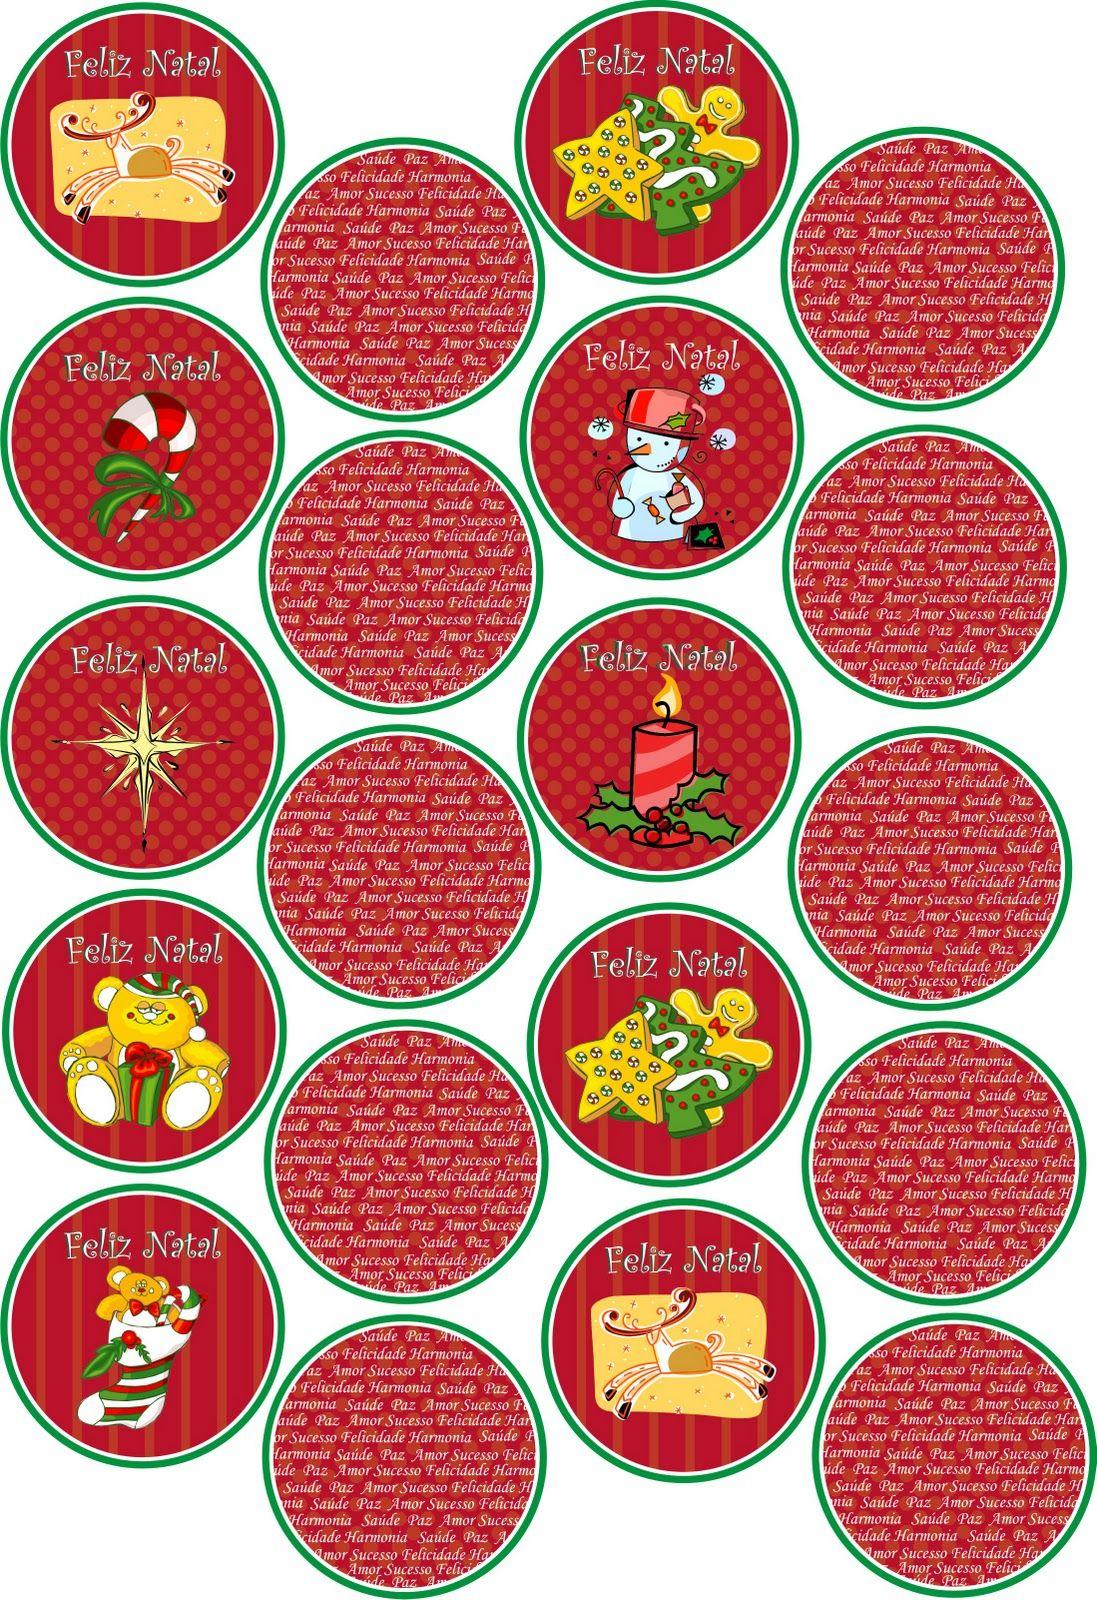 feliz natal tags - Pesquisa Google | Tag De Natal ...